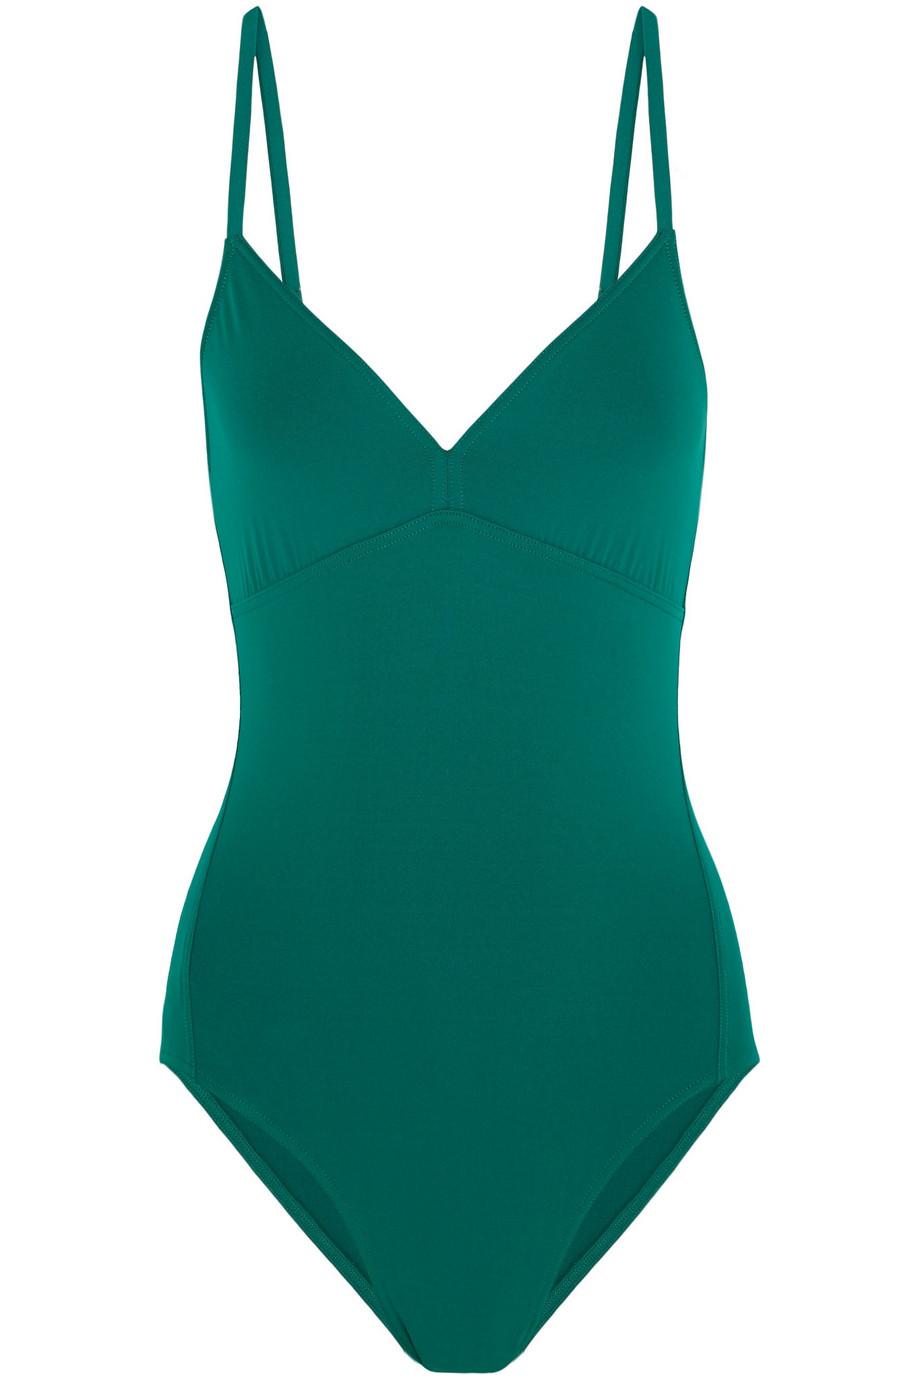 Eres Les Essentiels Complot Swimsuit, Size: 42